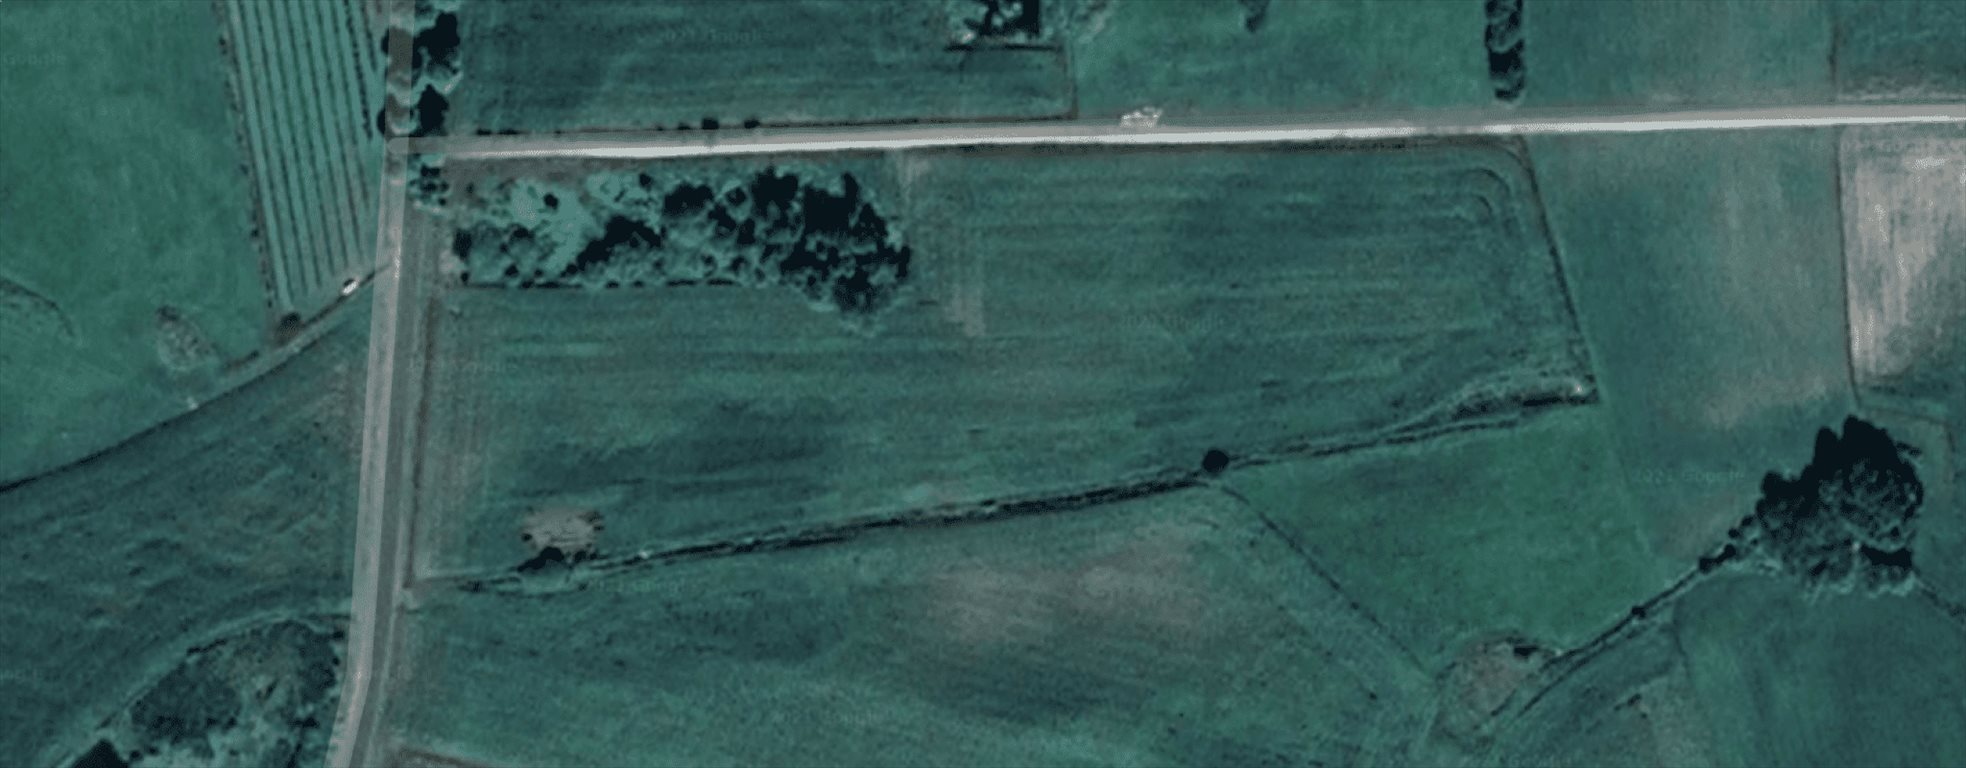 Działka rolna na sprzedaż Komorzewo  28000m2 Foto 4